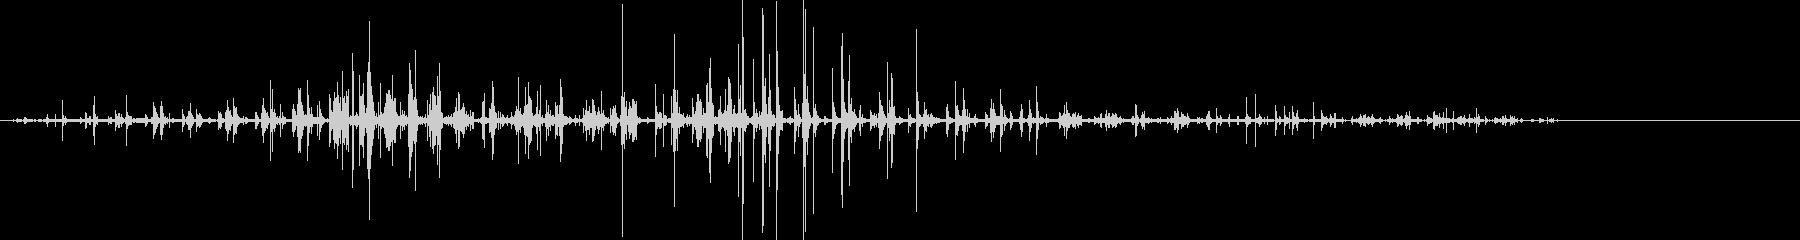 馬-ギャロップ6の未再生の波形